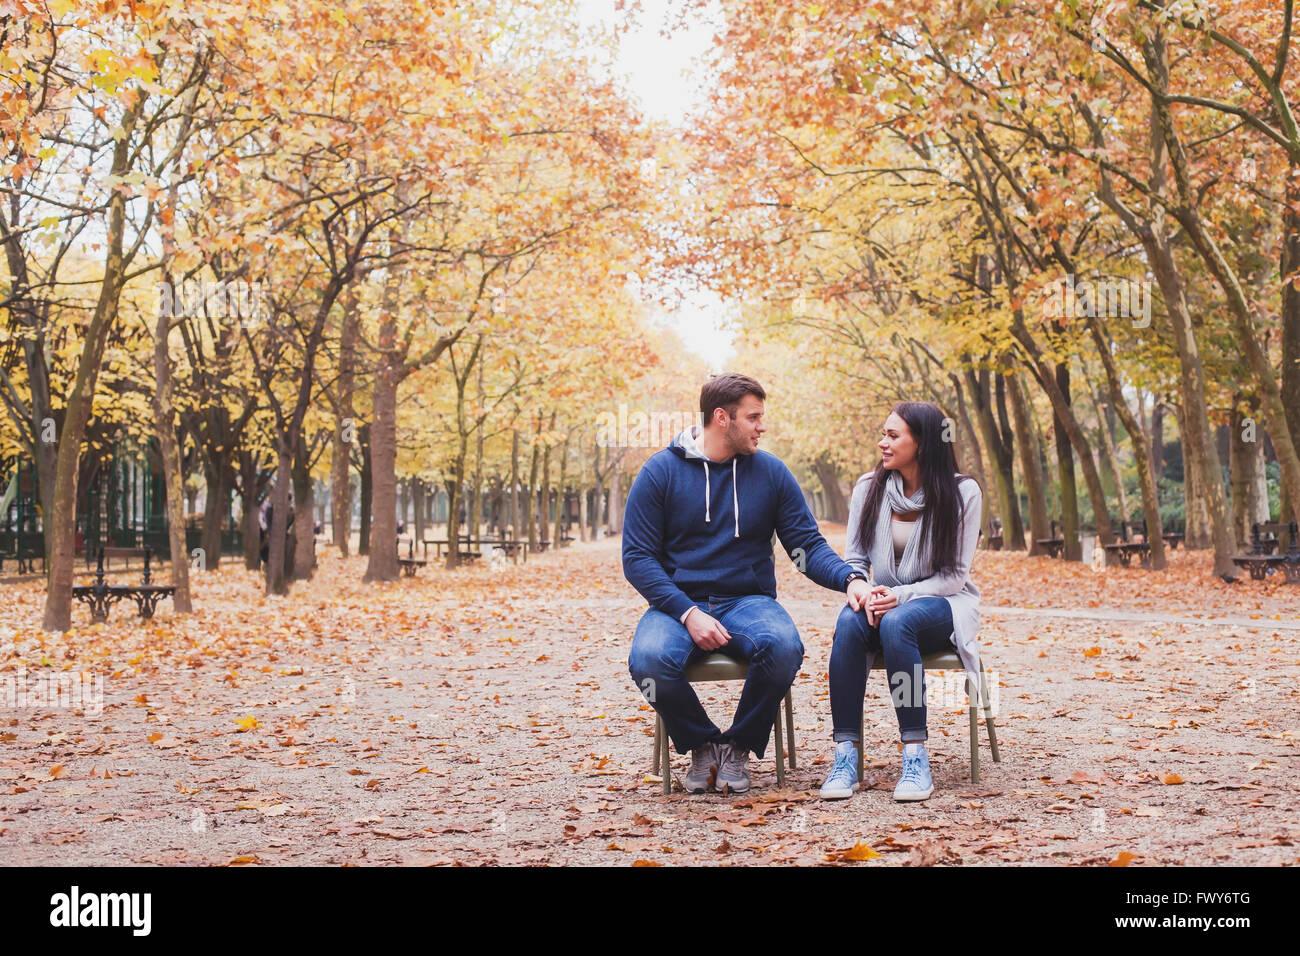 L'homme et de la femme relation, psychologie de la famille, l'amour et concept dating Photo Stock